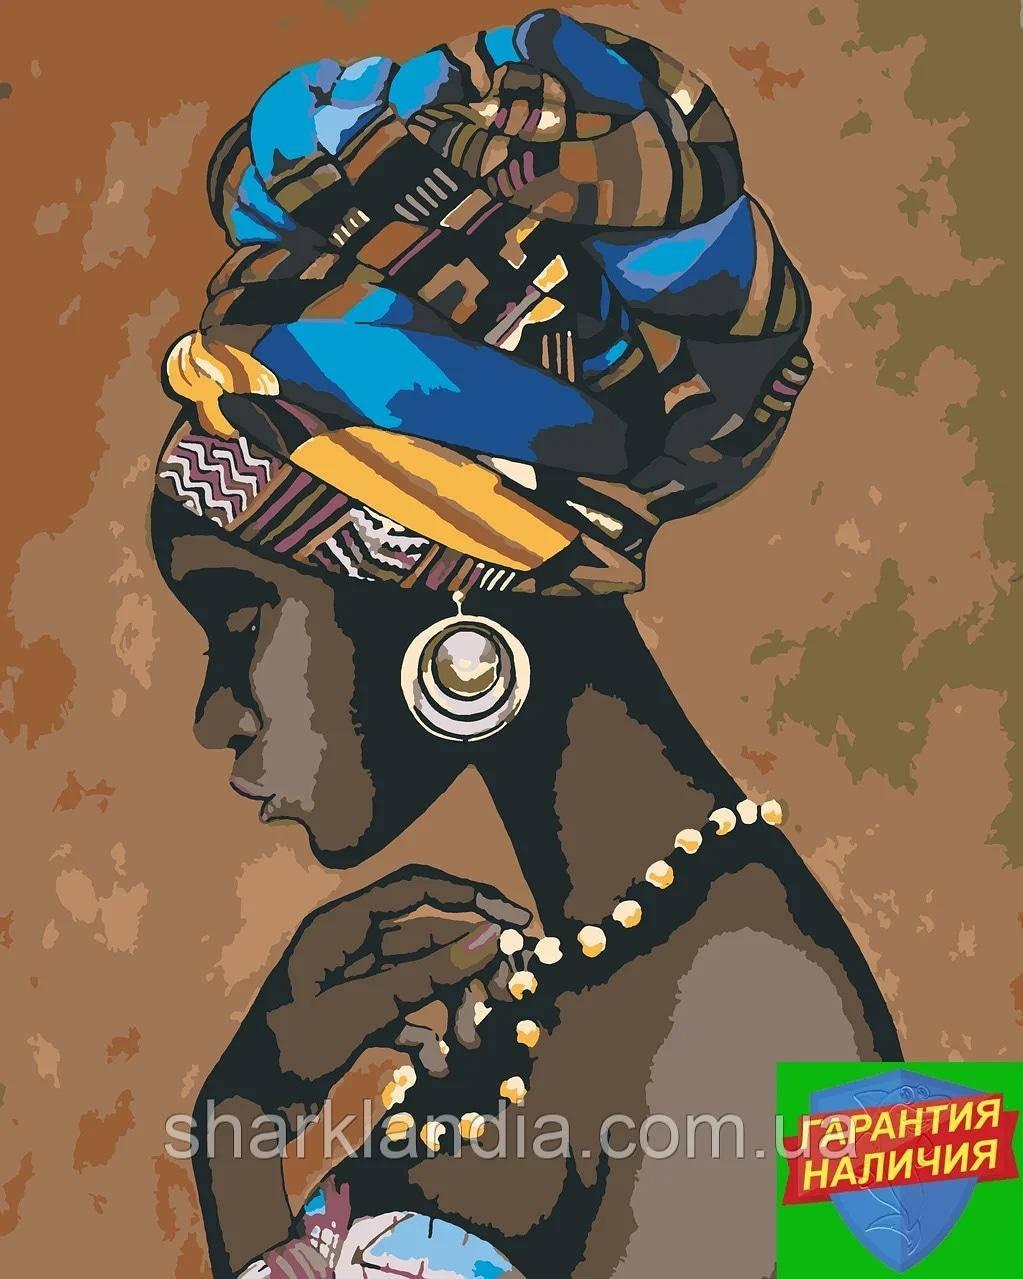 Картина по номерам Украшения Африки (цветной холст) 40*50см Барви Розпис по номерах